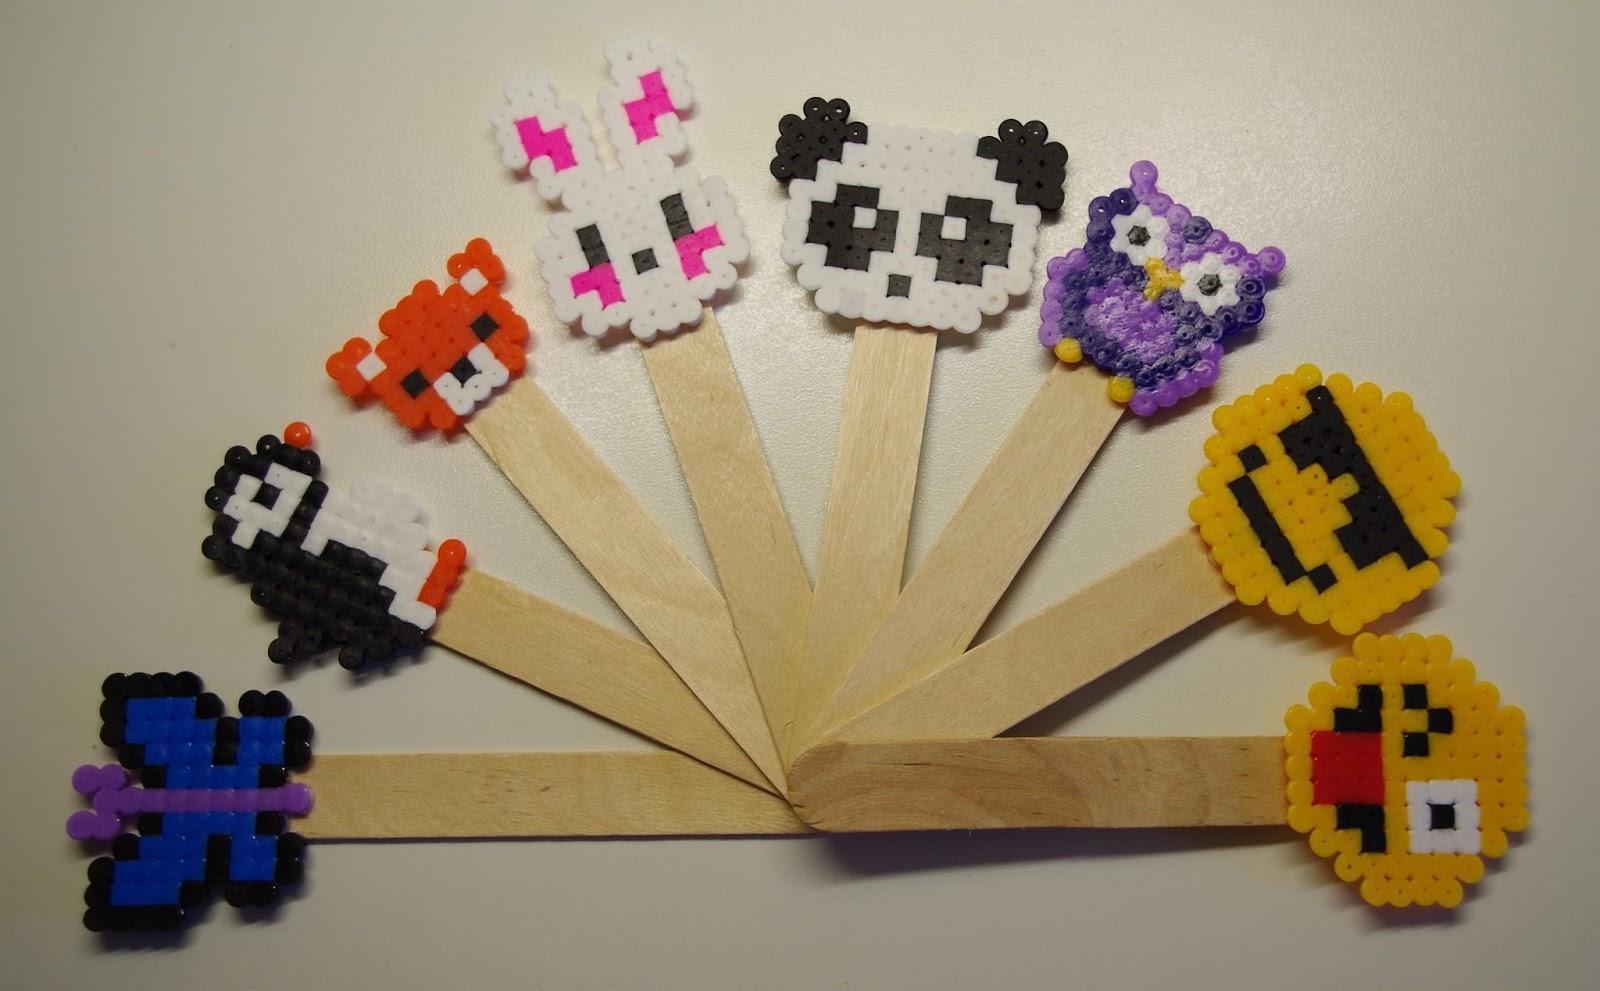 Rosa creazioni segnalibri con le hama beads della pyssla ikea - Porta gioielli ikea ...